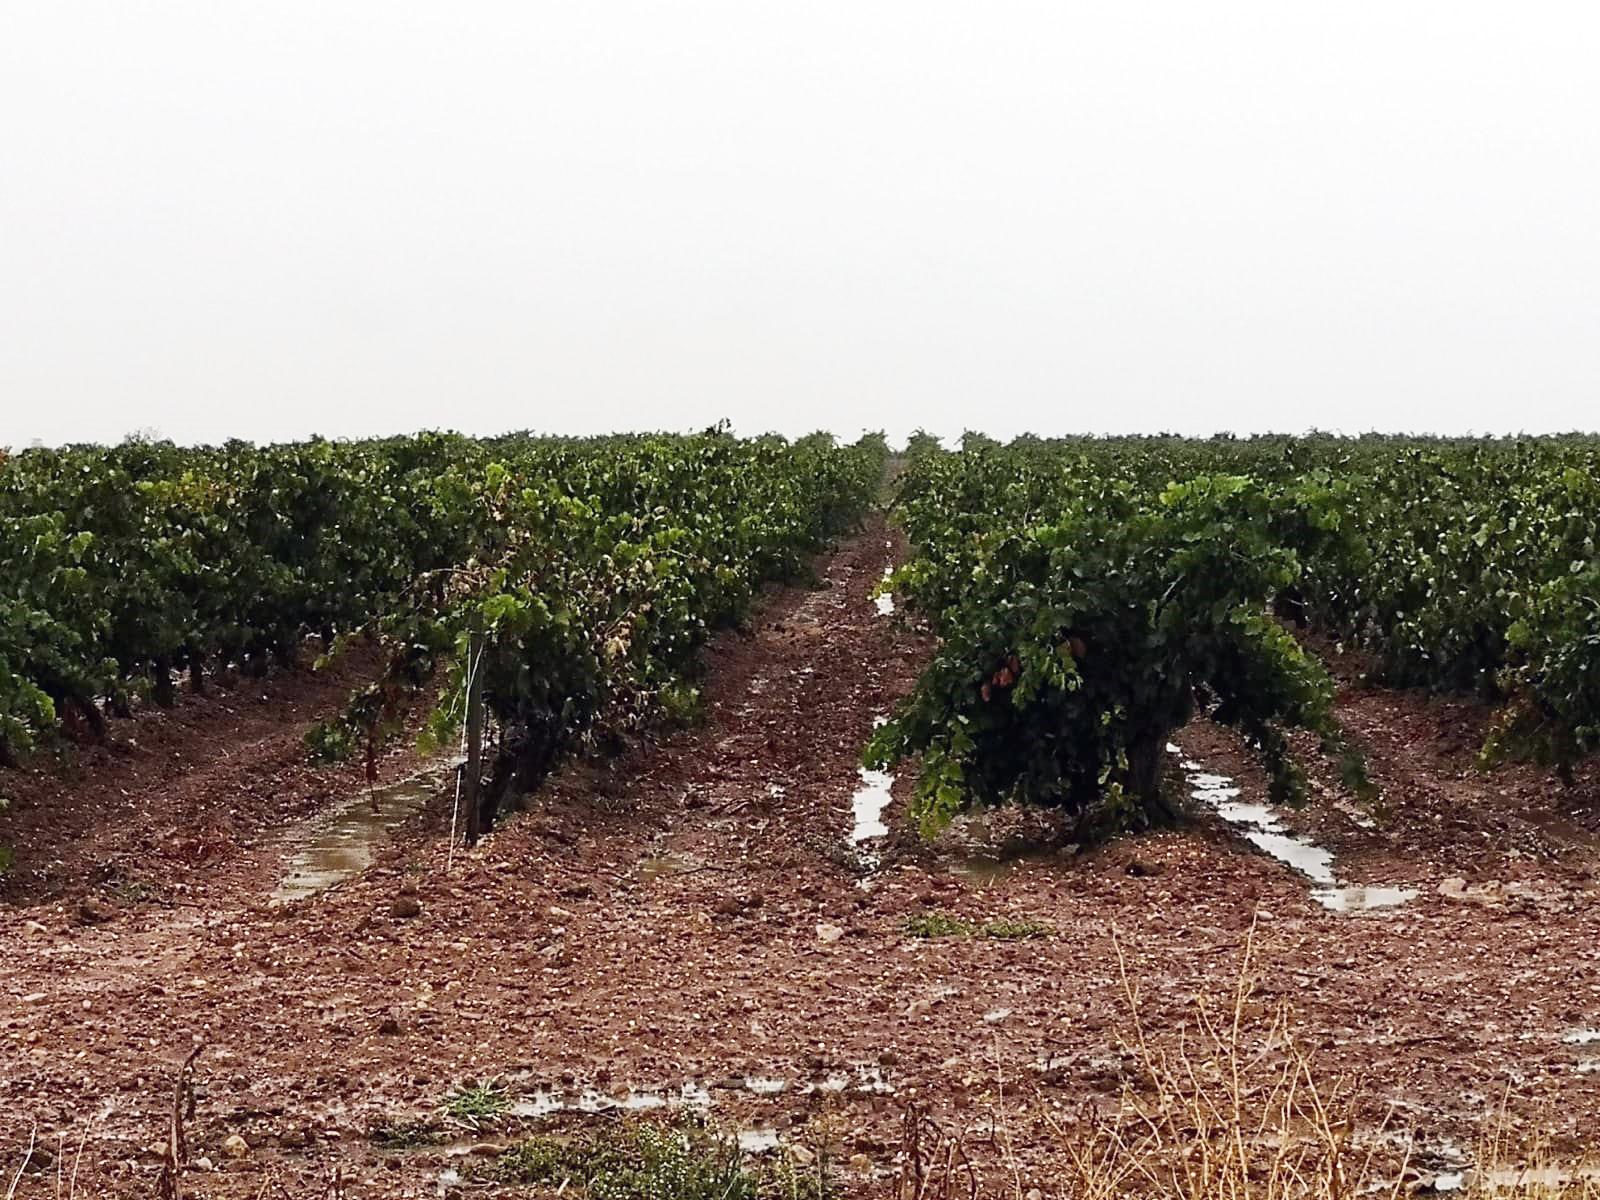 Las lluvias posponen el inicio de la vendimia en la DO Cigales